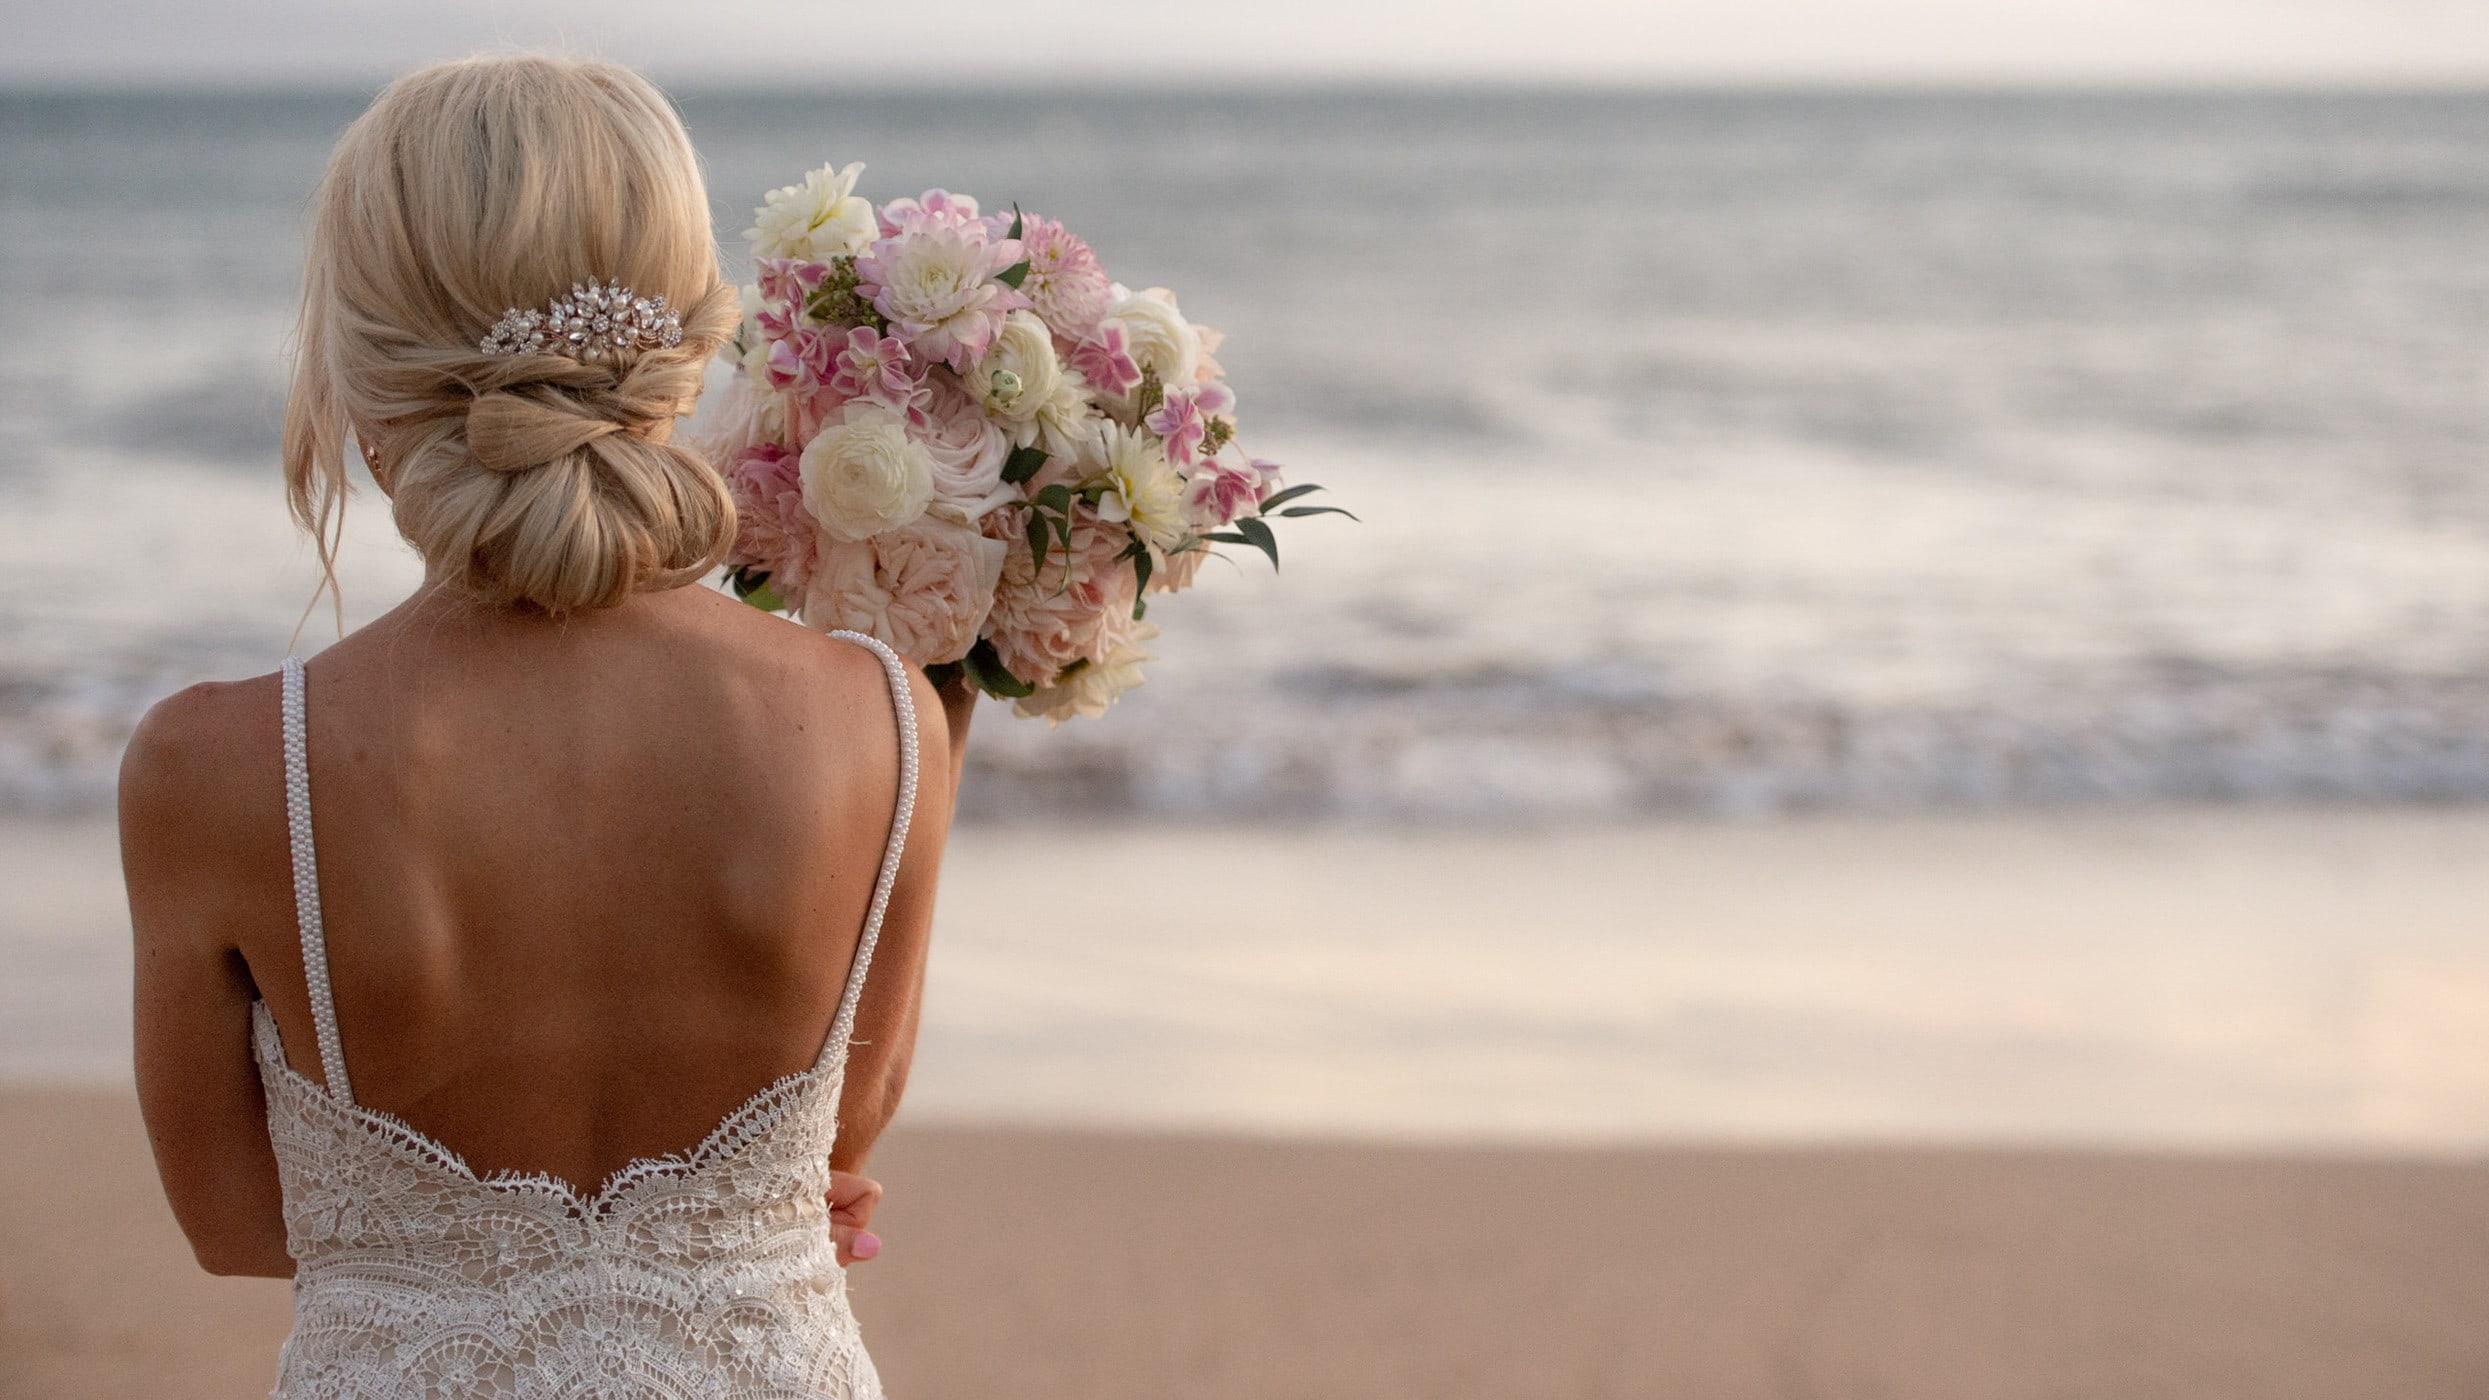 J. Anthony Martinez Photography Maui Wedding Photographer Sugar Beach Events London Brucia & Anthony Pancotto-74